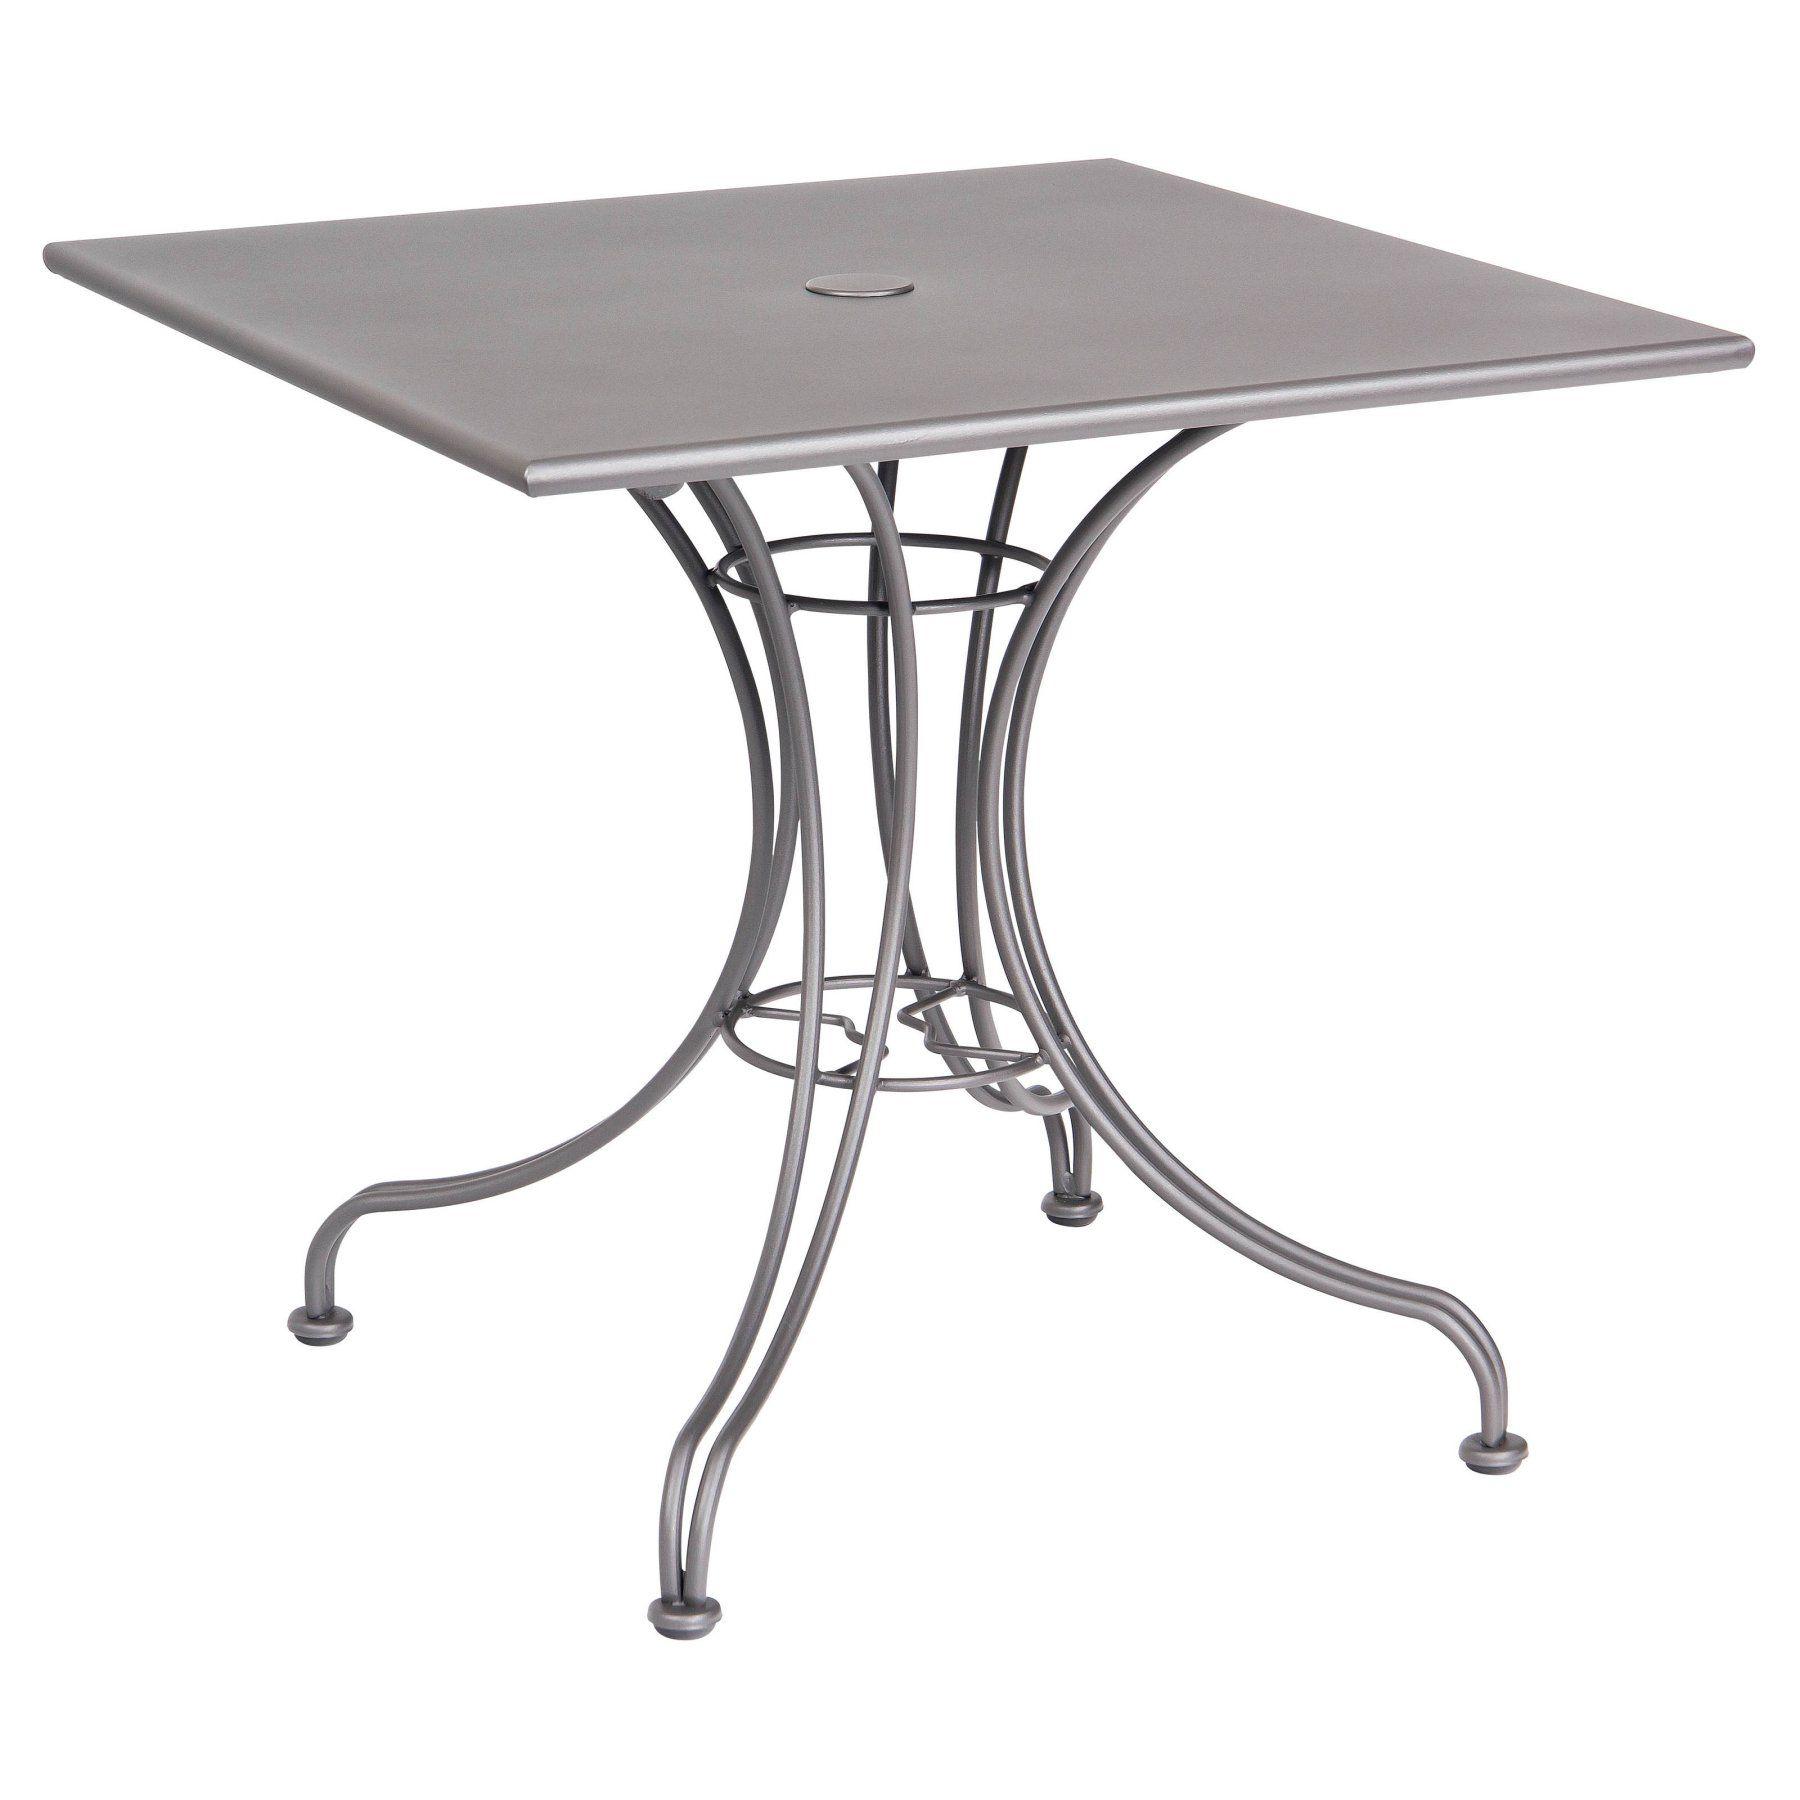 Outdoor Woodard Solid Top 24 X 30 Rectangular Bistro Table